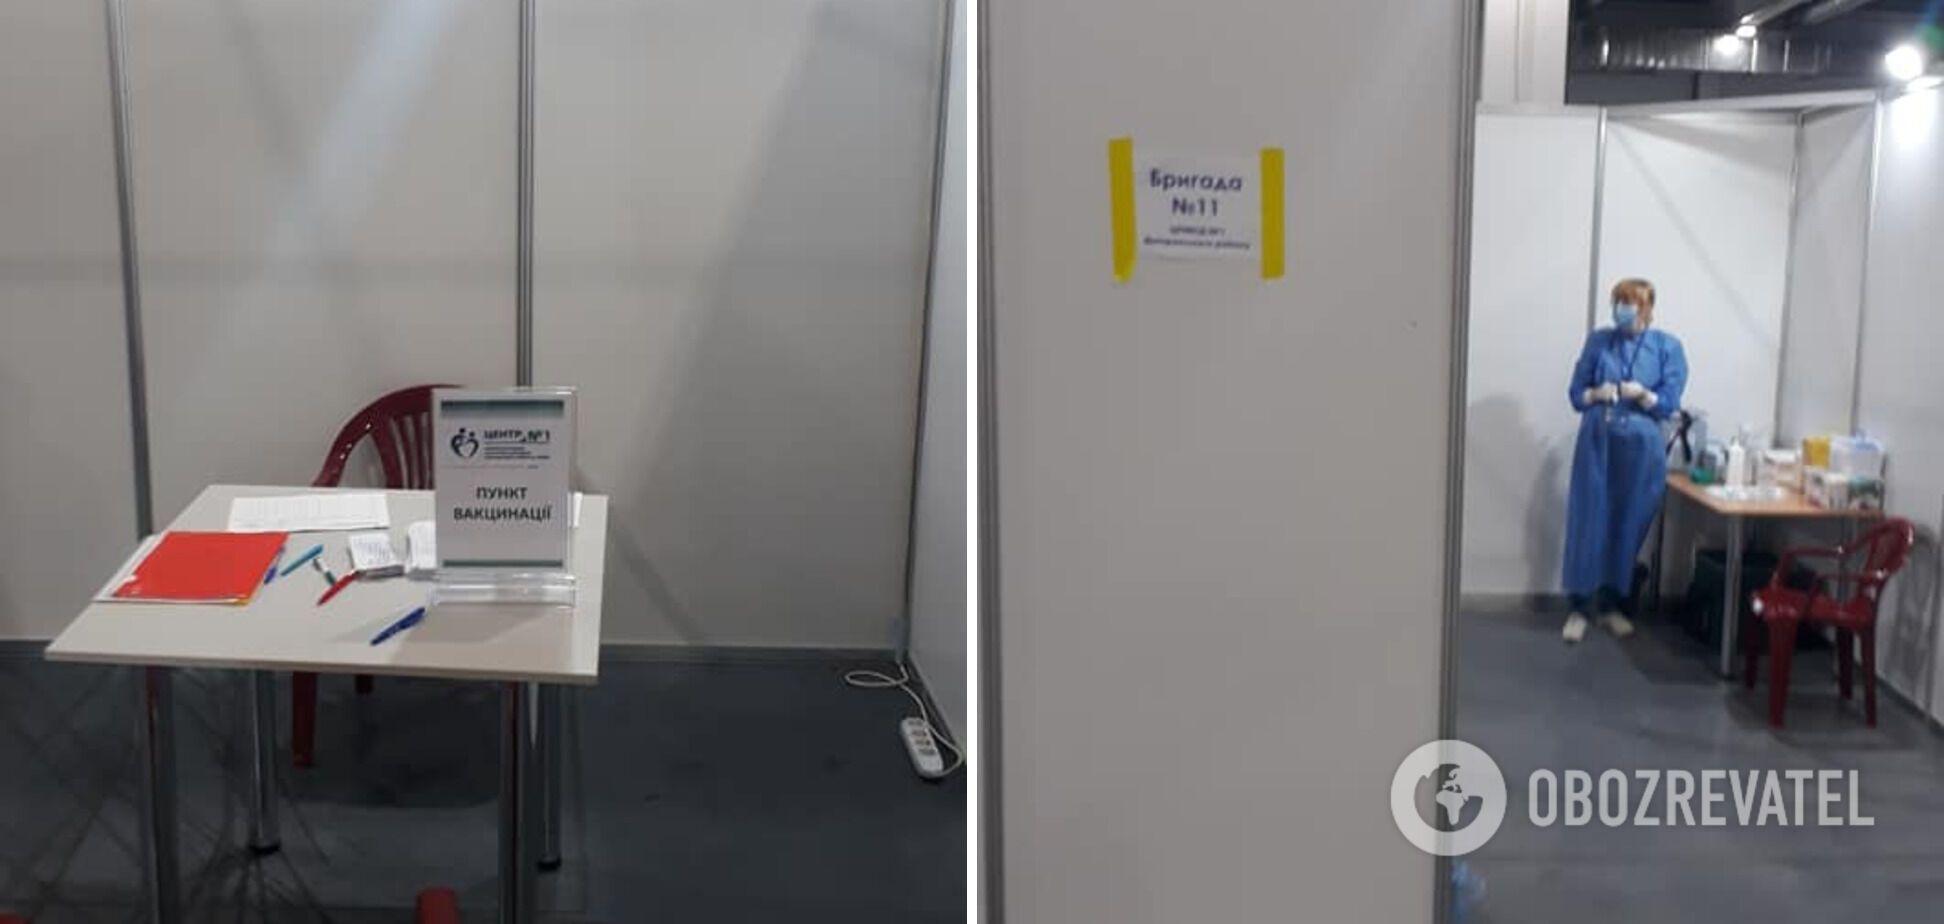 У МВЦ центр вакцинації відкрили на 3-му поверсі 4-го павільйону